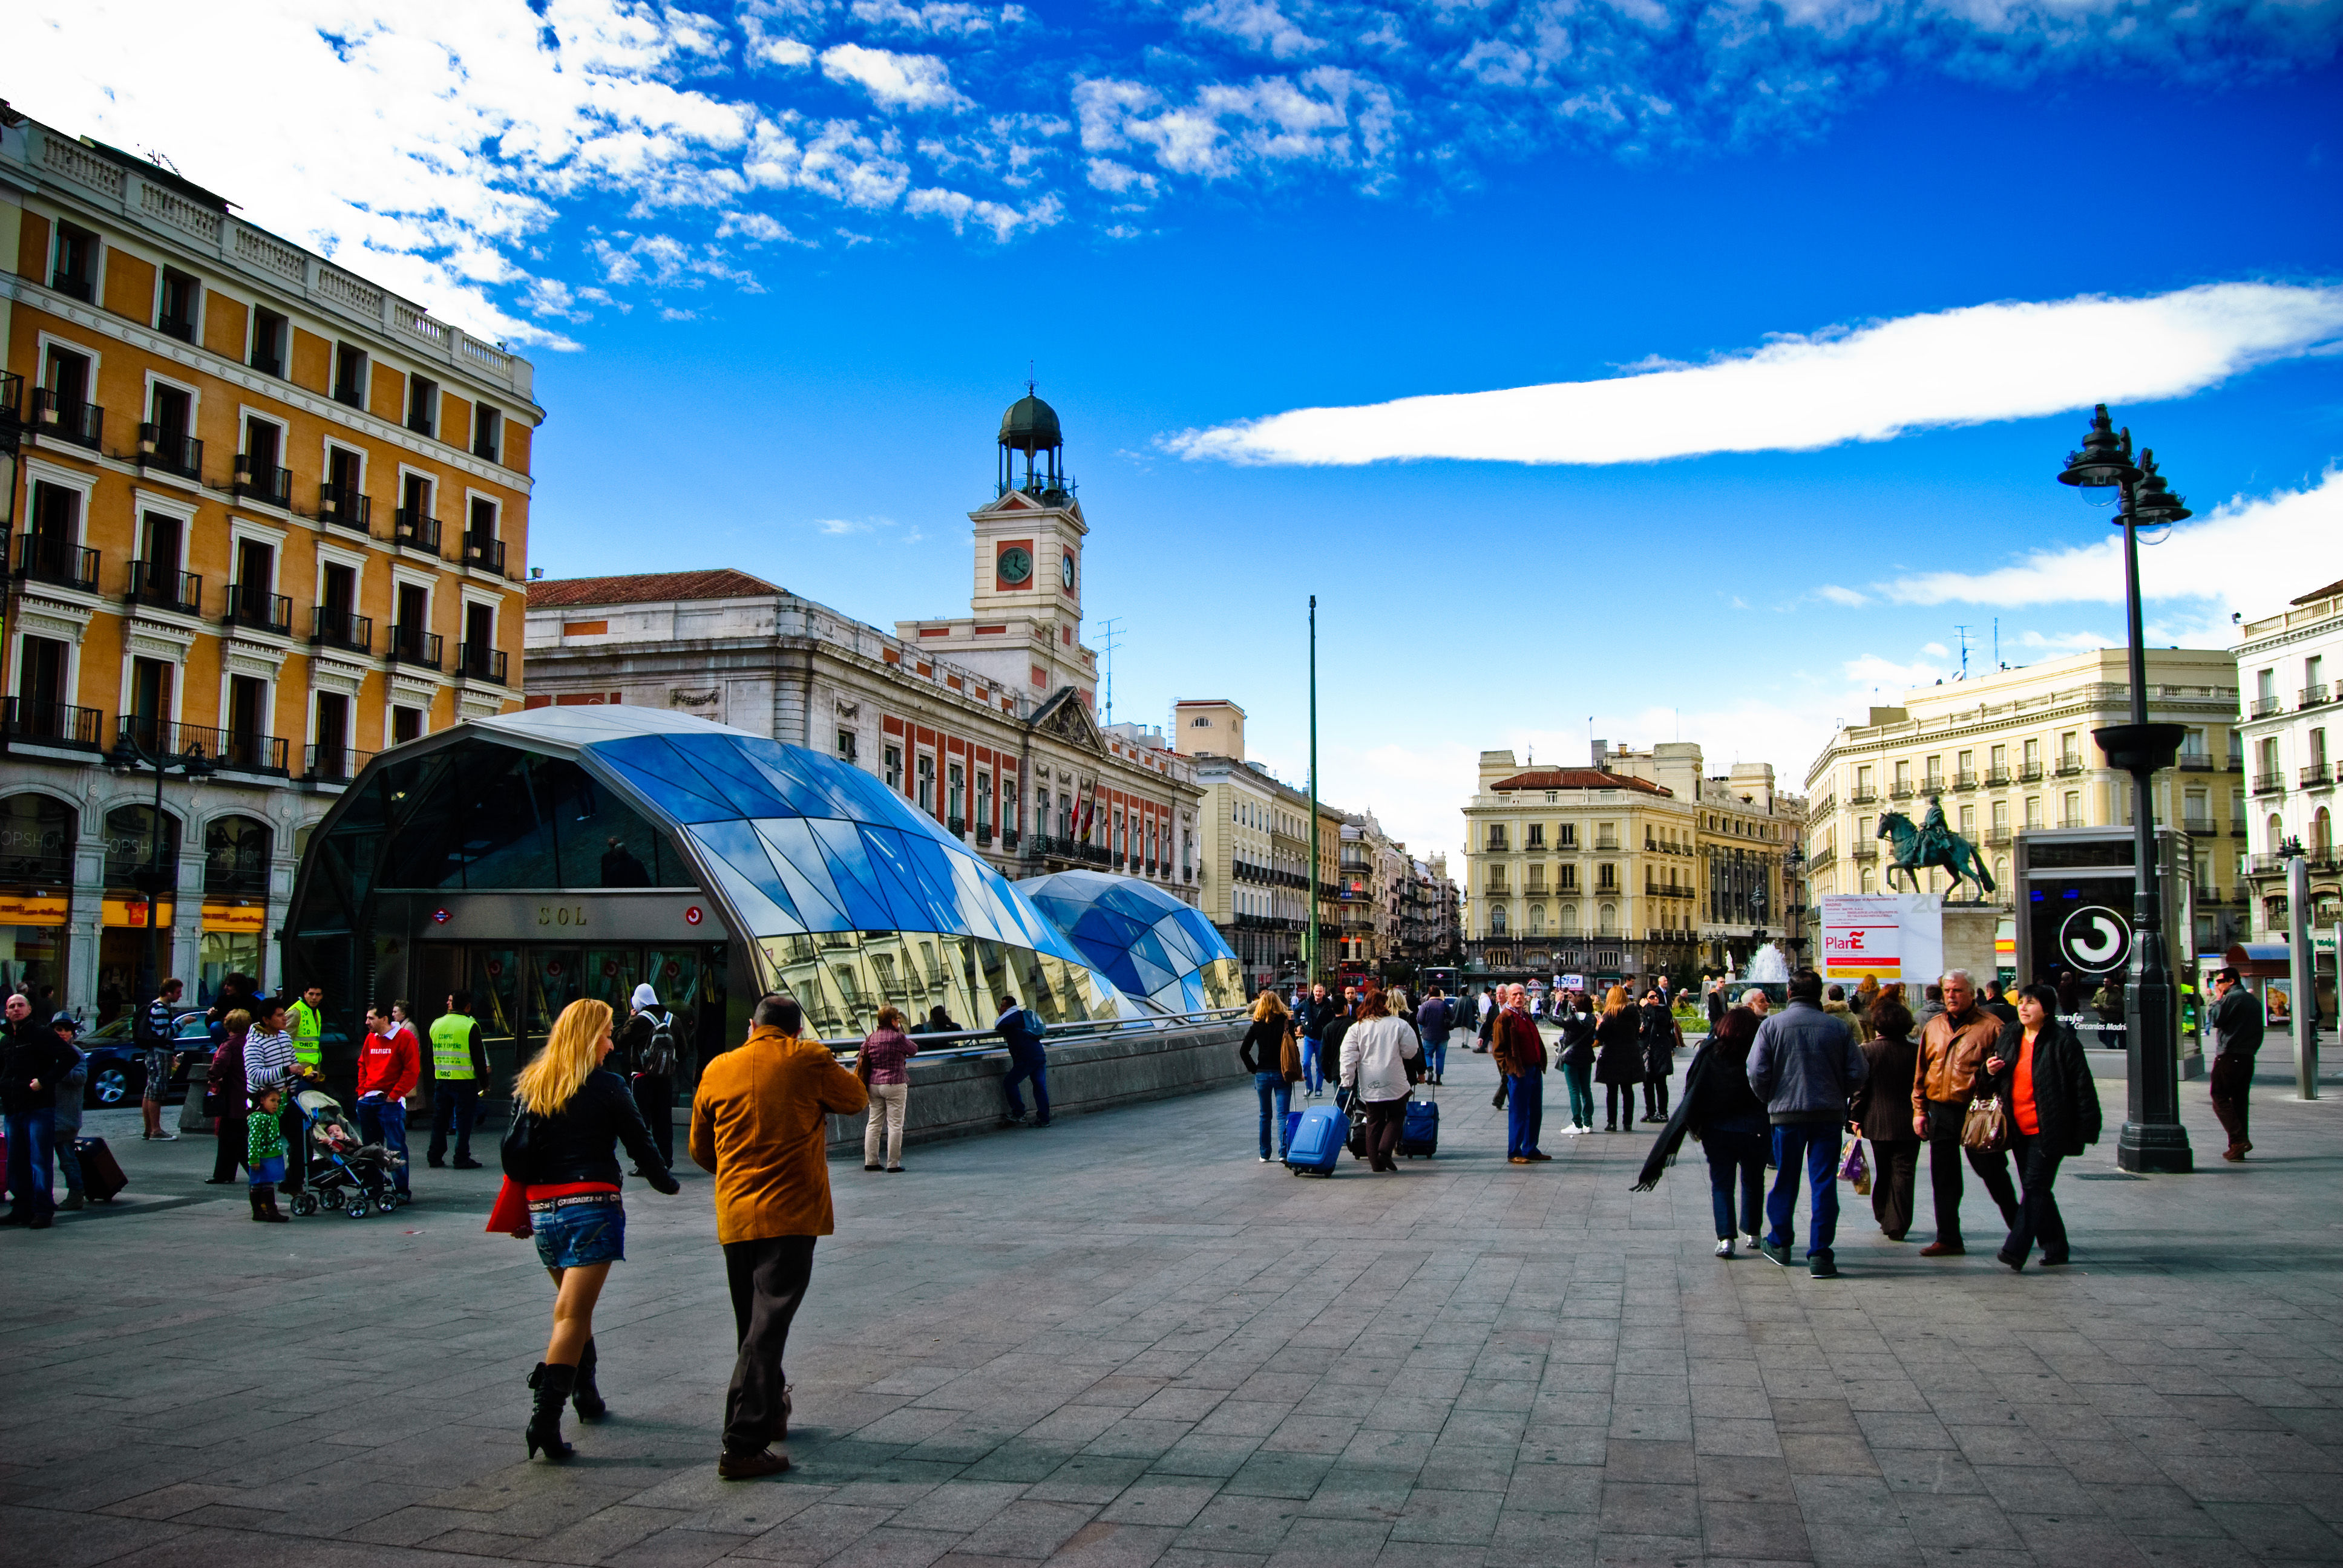 Ficciones urbanas e imaginarios colectivos madrid a for Puerta del sol historia